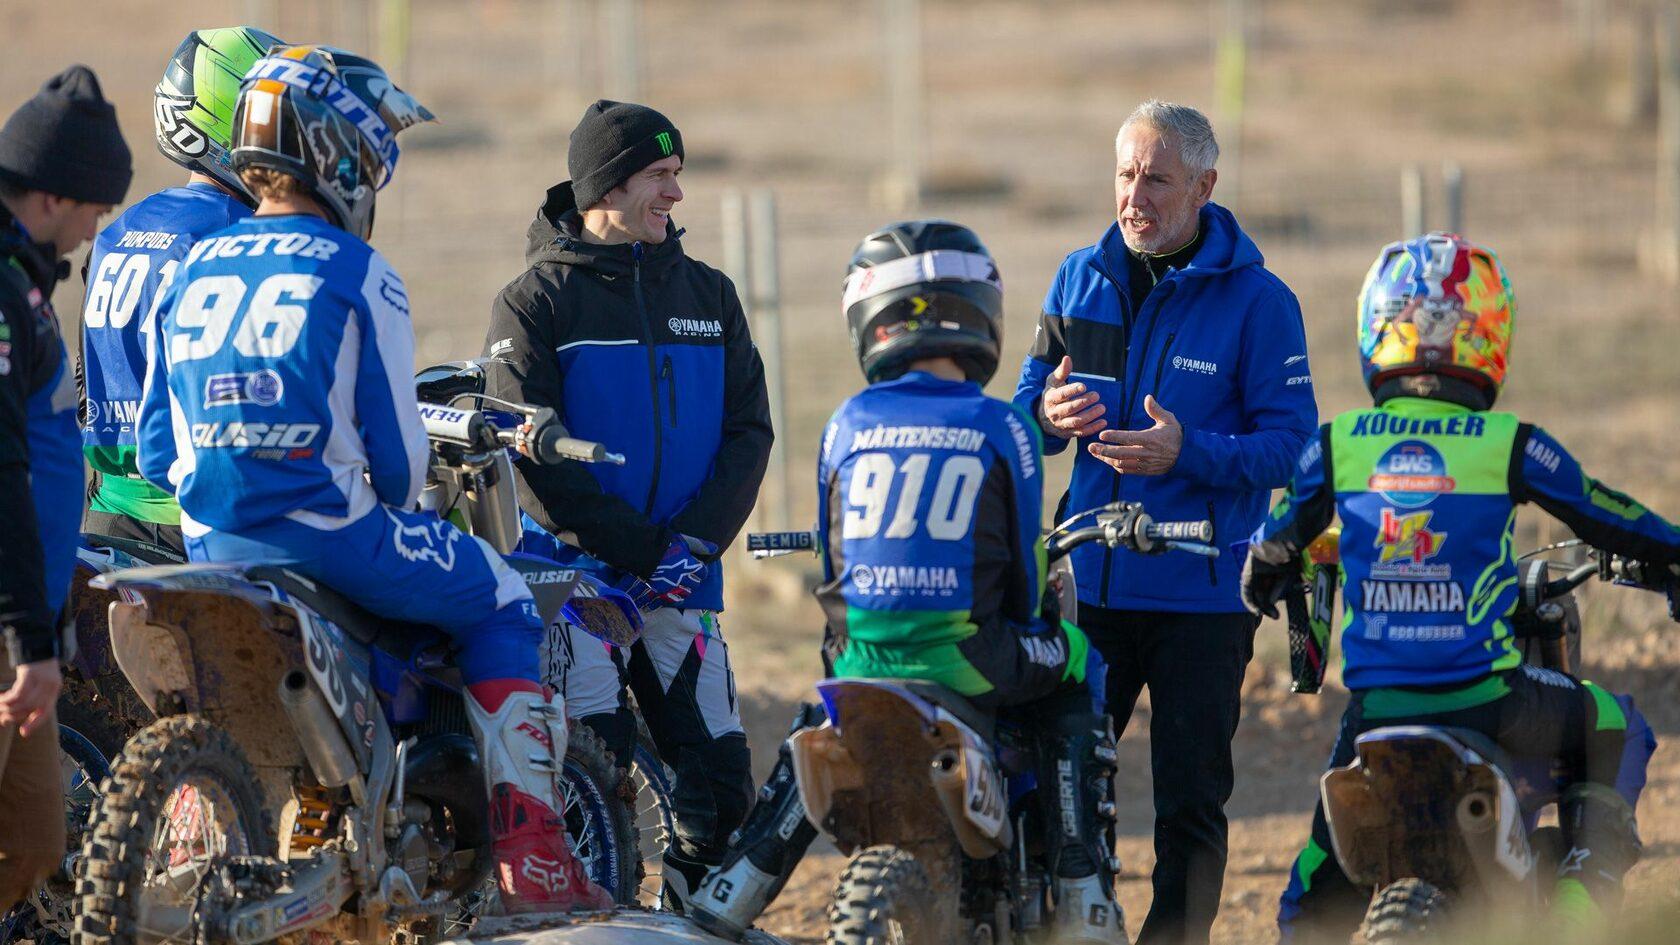 Yamaha Racing UK стала партнером британского чемпионата по мотокроссу